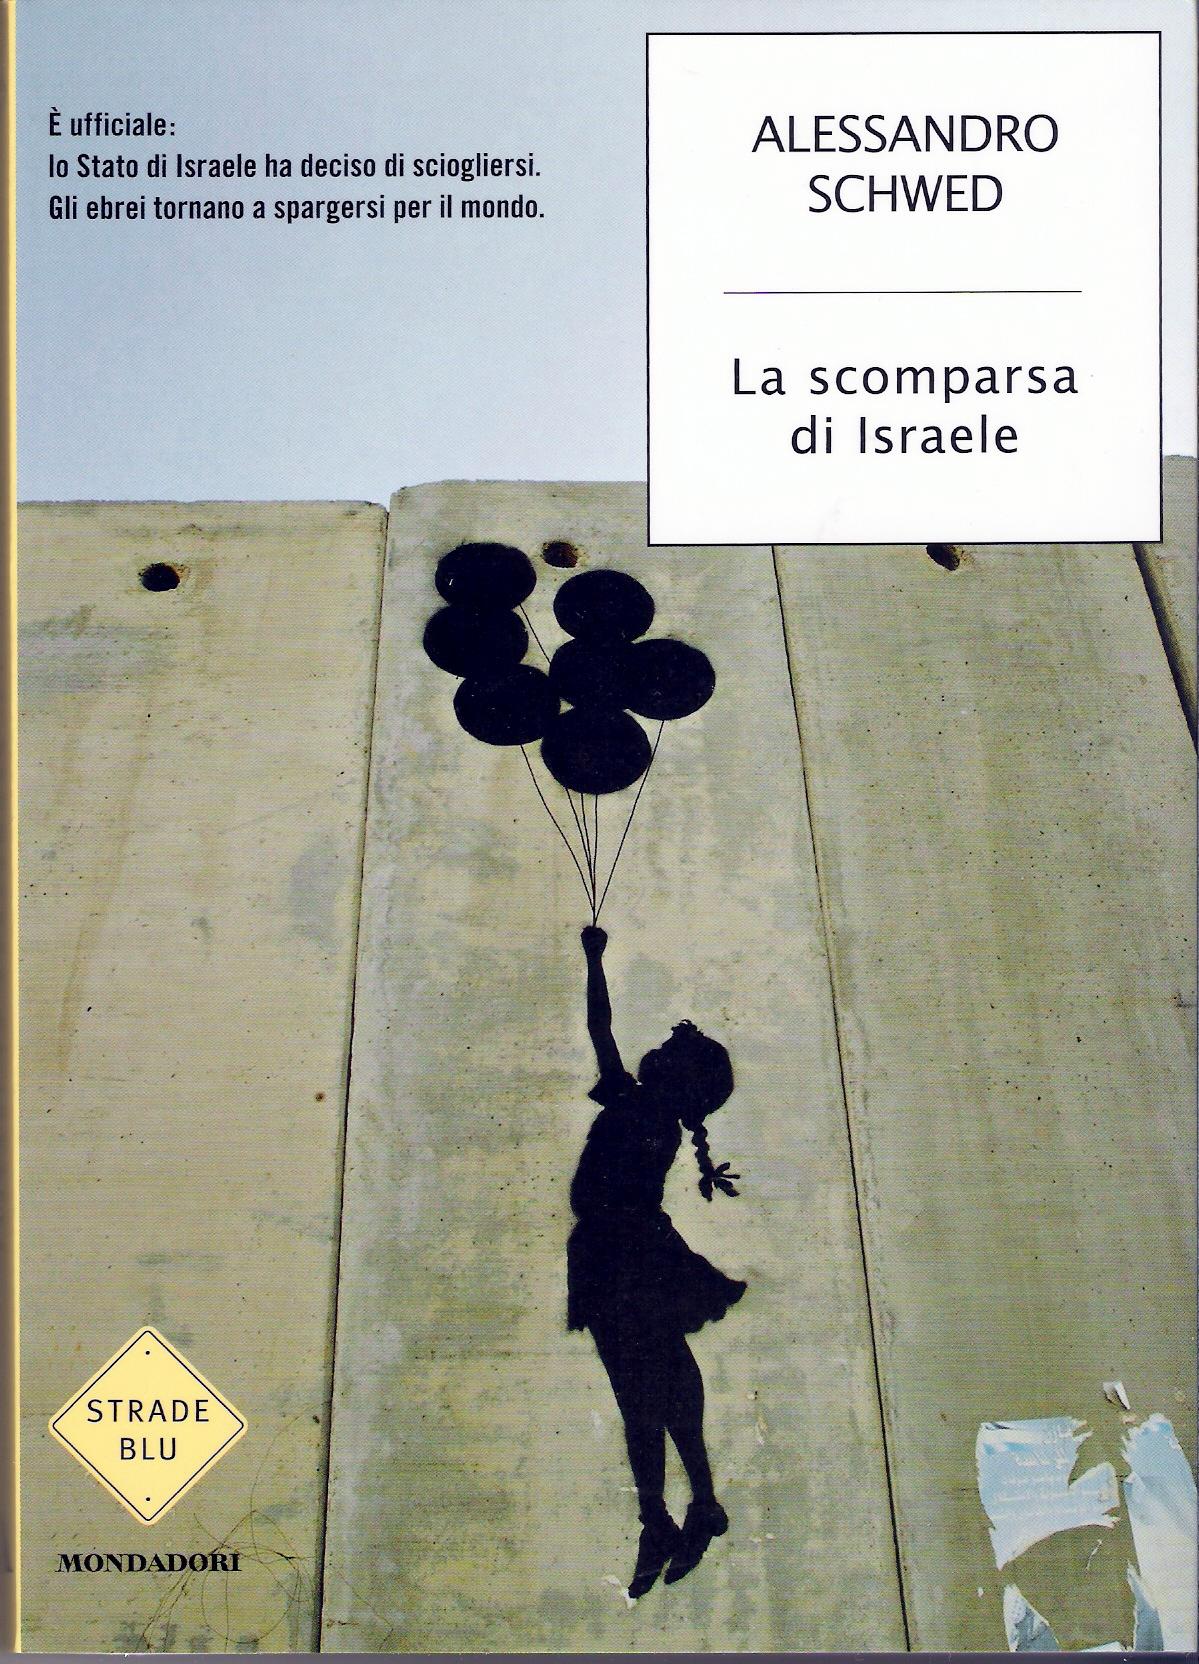 La Scomparsa di Israele